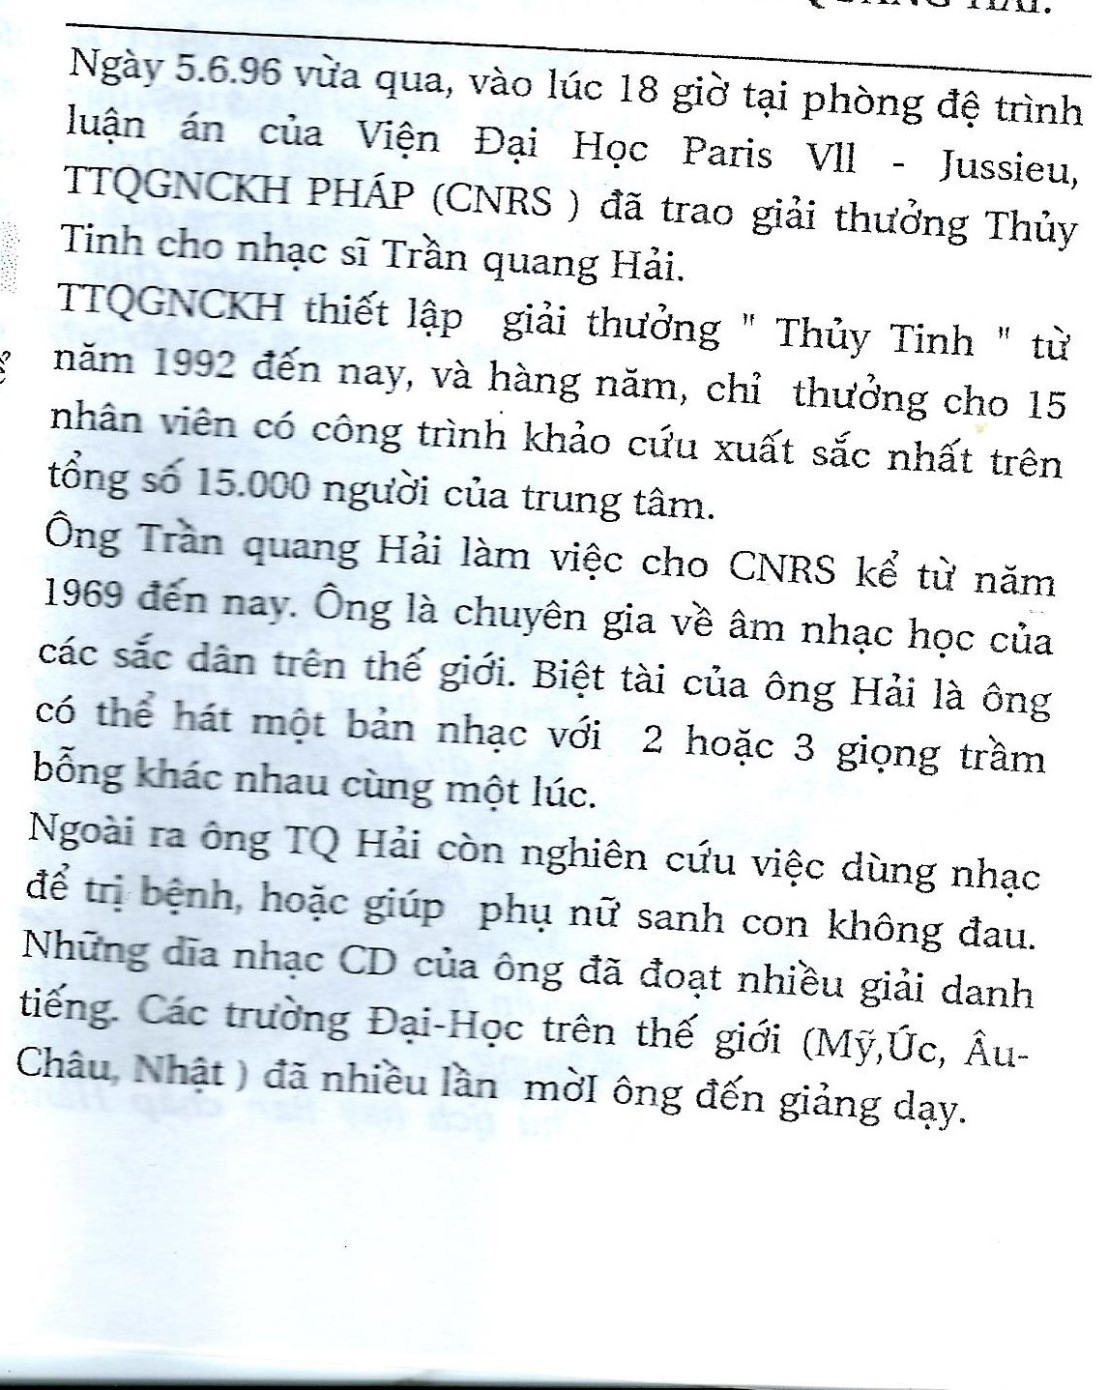 tqh cristal cnrs 1996 BÁO SỰ THẬT tháng 7, 1996